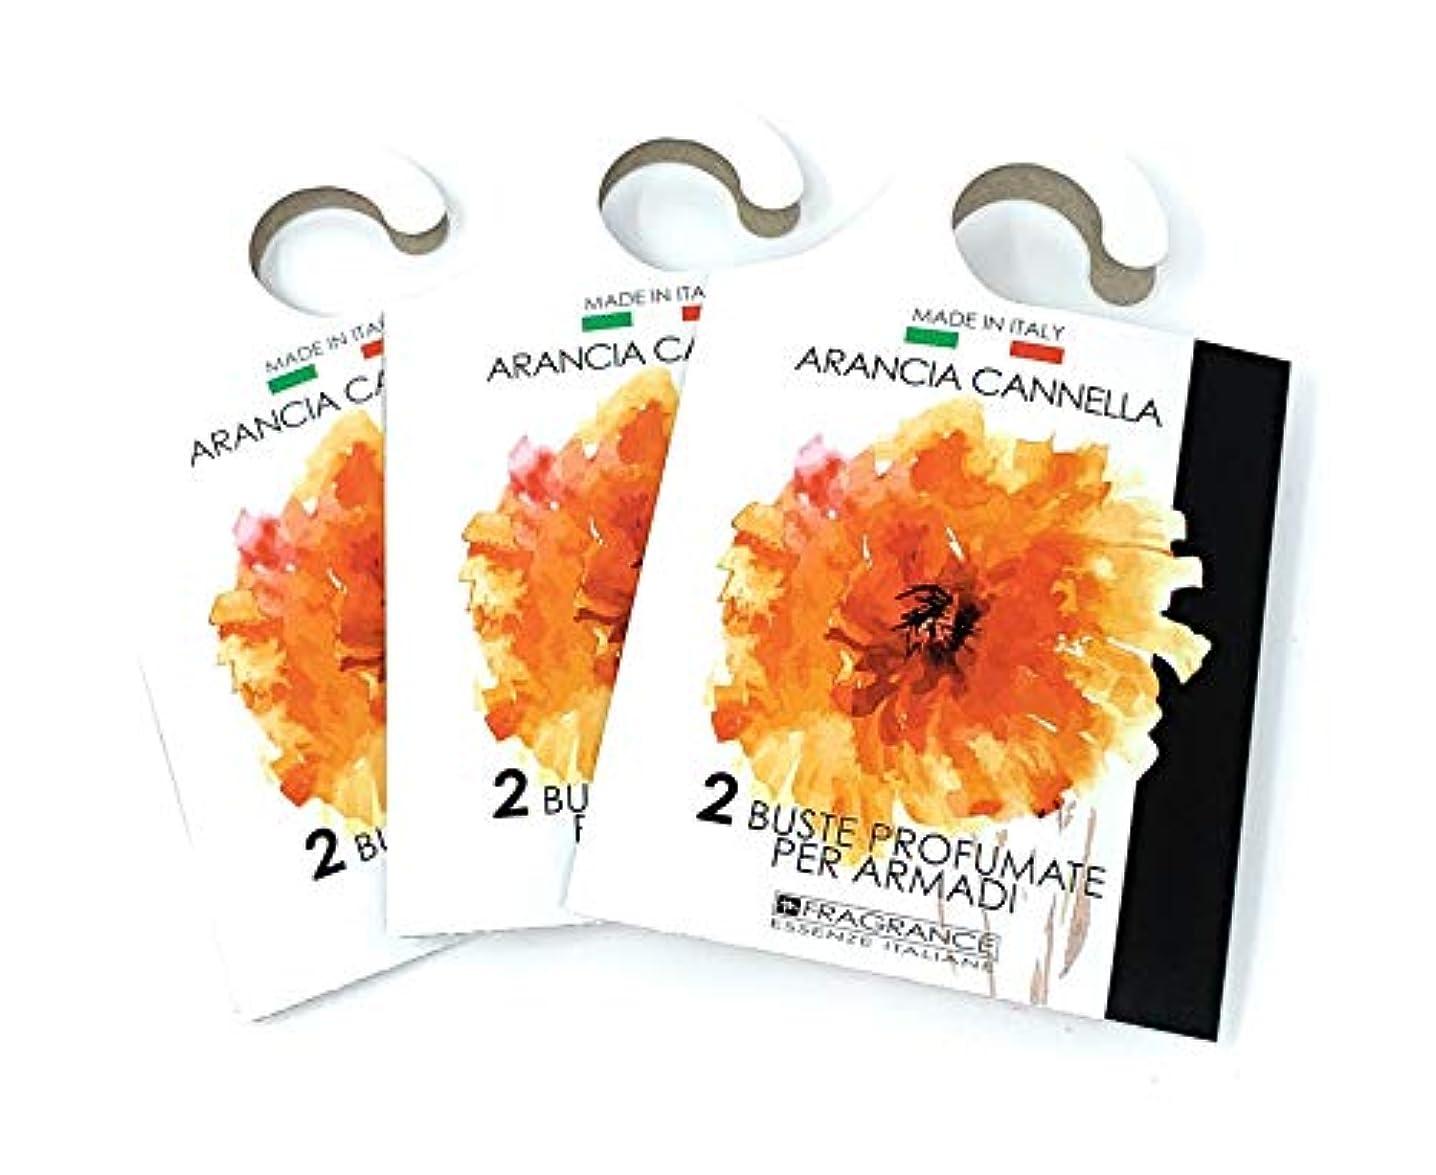 中性豊富に規範MERCURY ITALY 吊り下げるサシェ(香り袋) ACQUARELLO オレンジシナモンの香り/ARANCIA CANNELLA 2枚入り×3パック [並行輸入品]